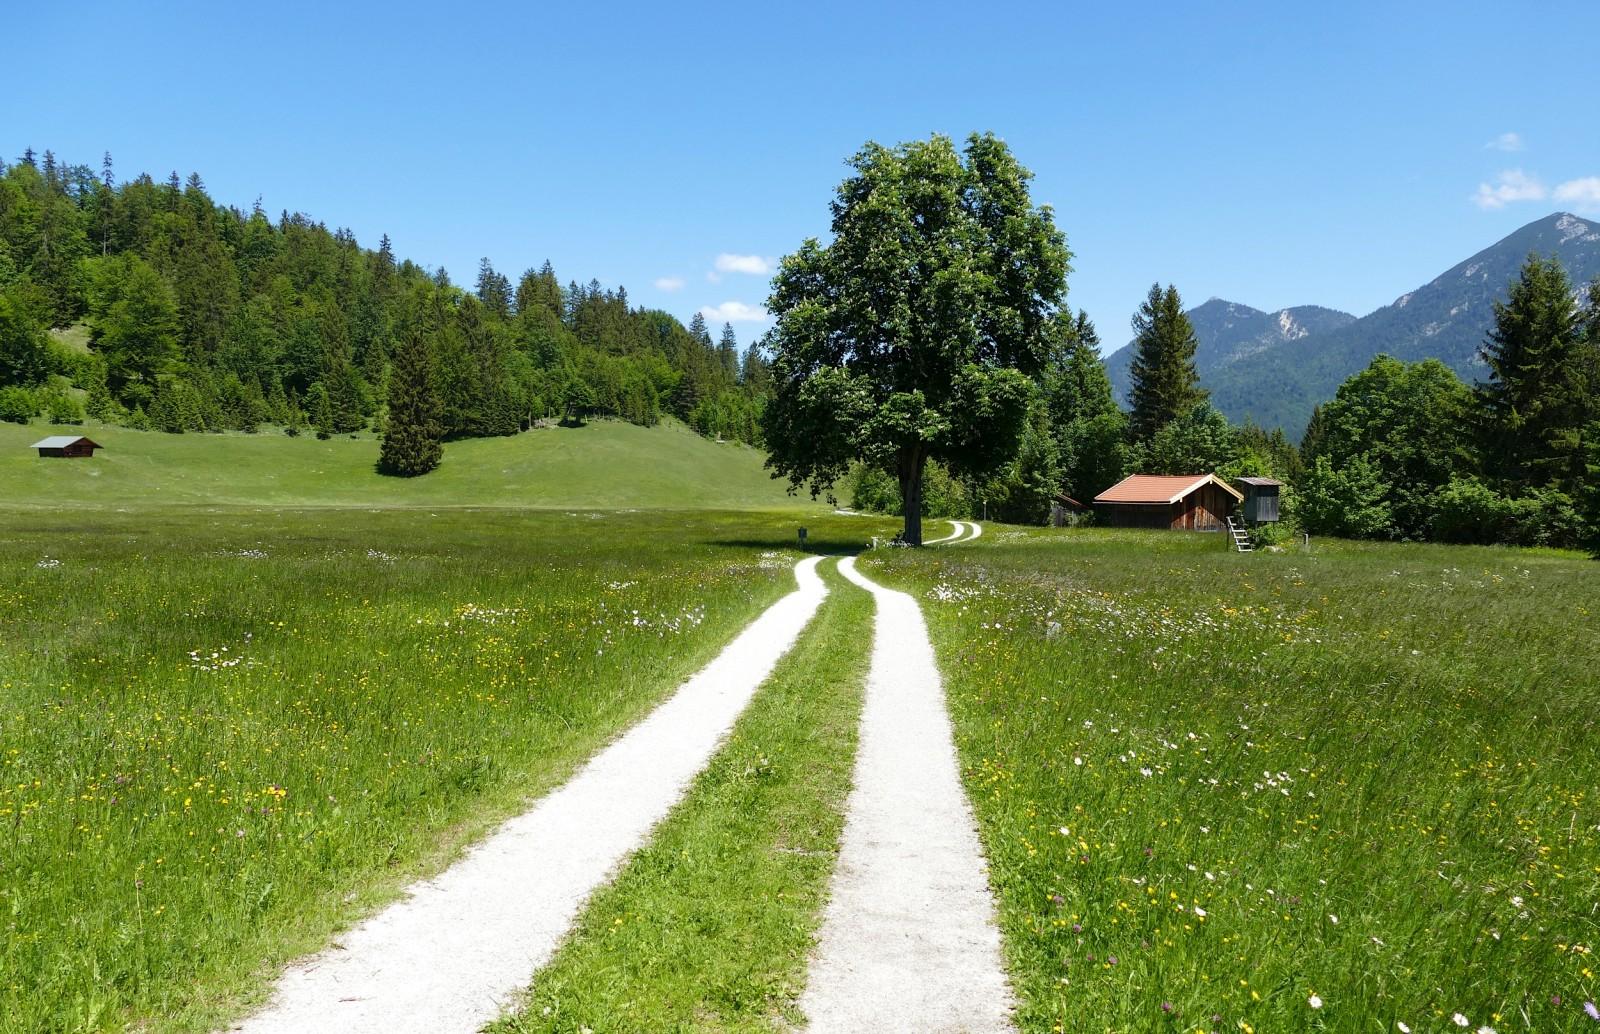 Weg nach Wallgau. Way to Wallgau